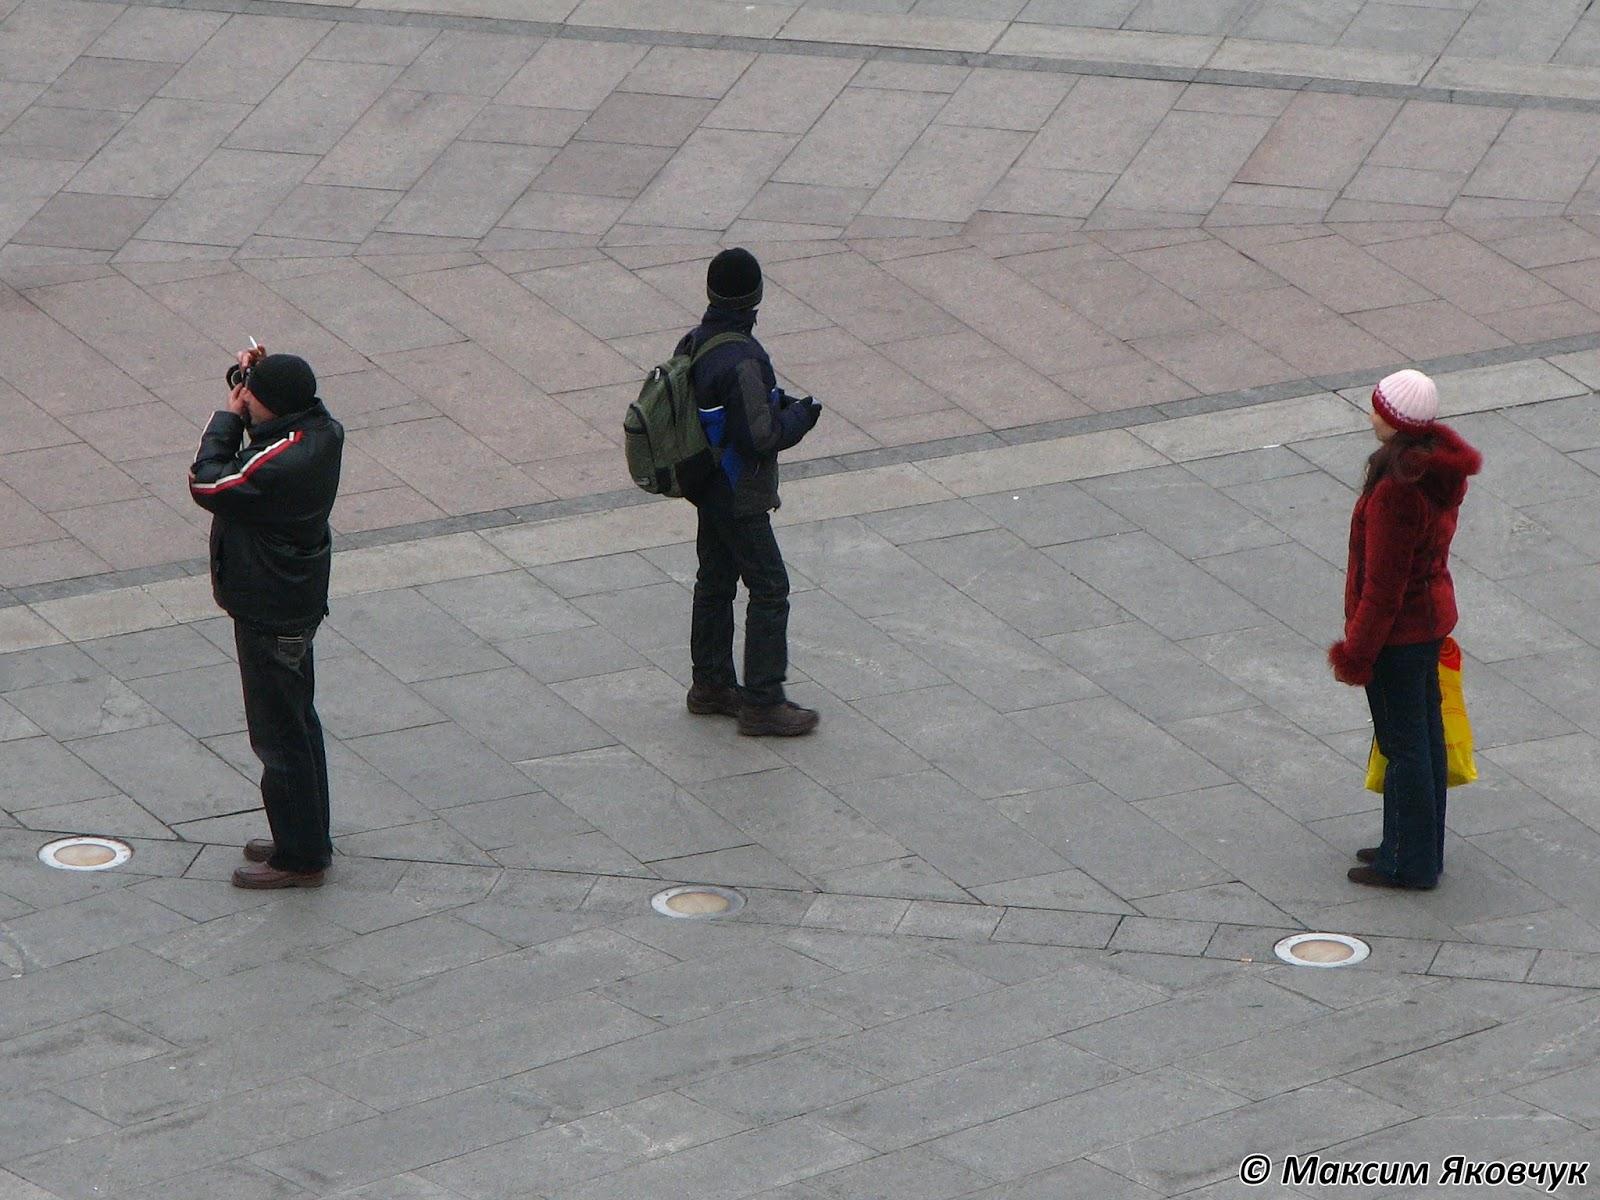 Фотограф Максим Яковчук: Photogrammer – творча співдружність: Фото дня від 10 березня 2018 року на сайті photogrammer.com.ua | Автор фото: Максим Яковчук | Назва фото: Родинне фото (третє) |